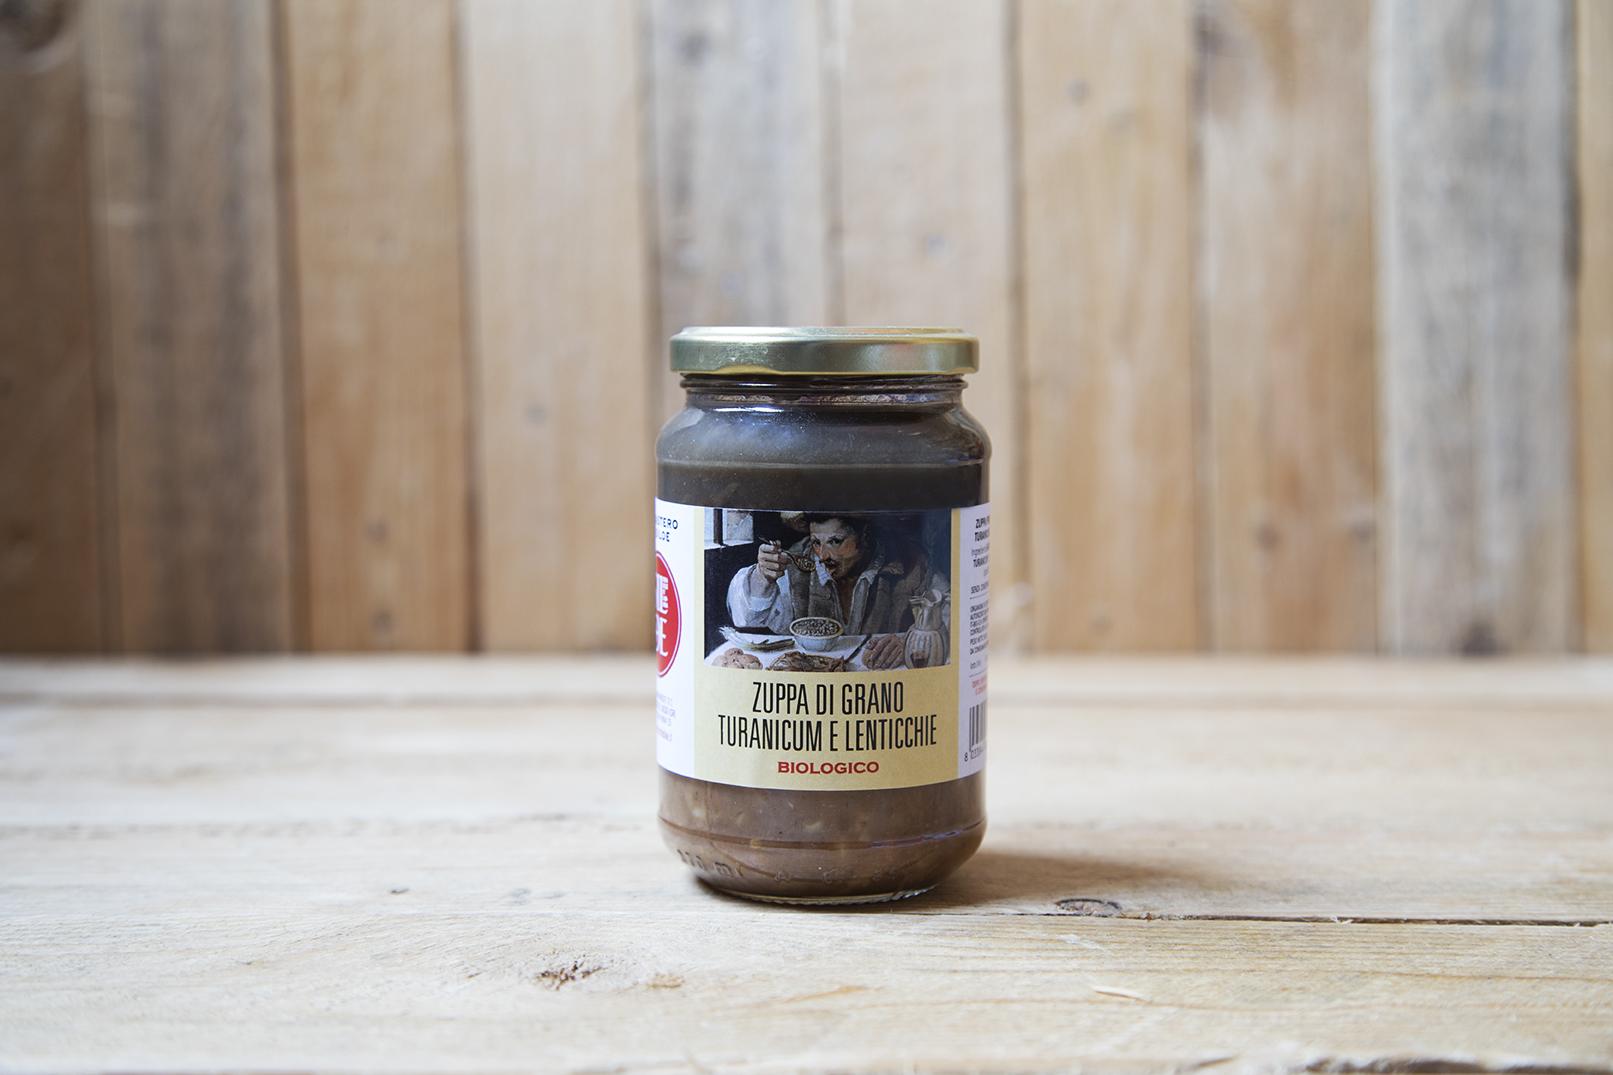 Zuppa di grano turanicum e lenticchie BIO